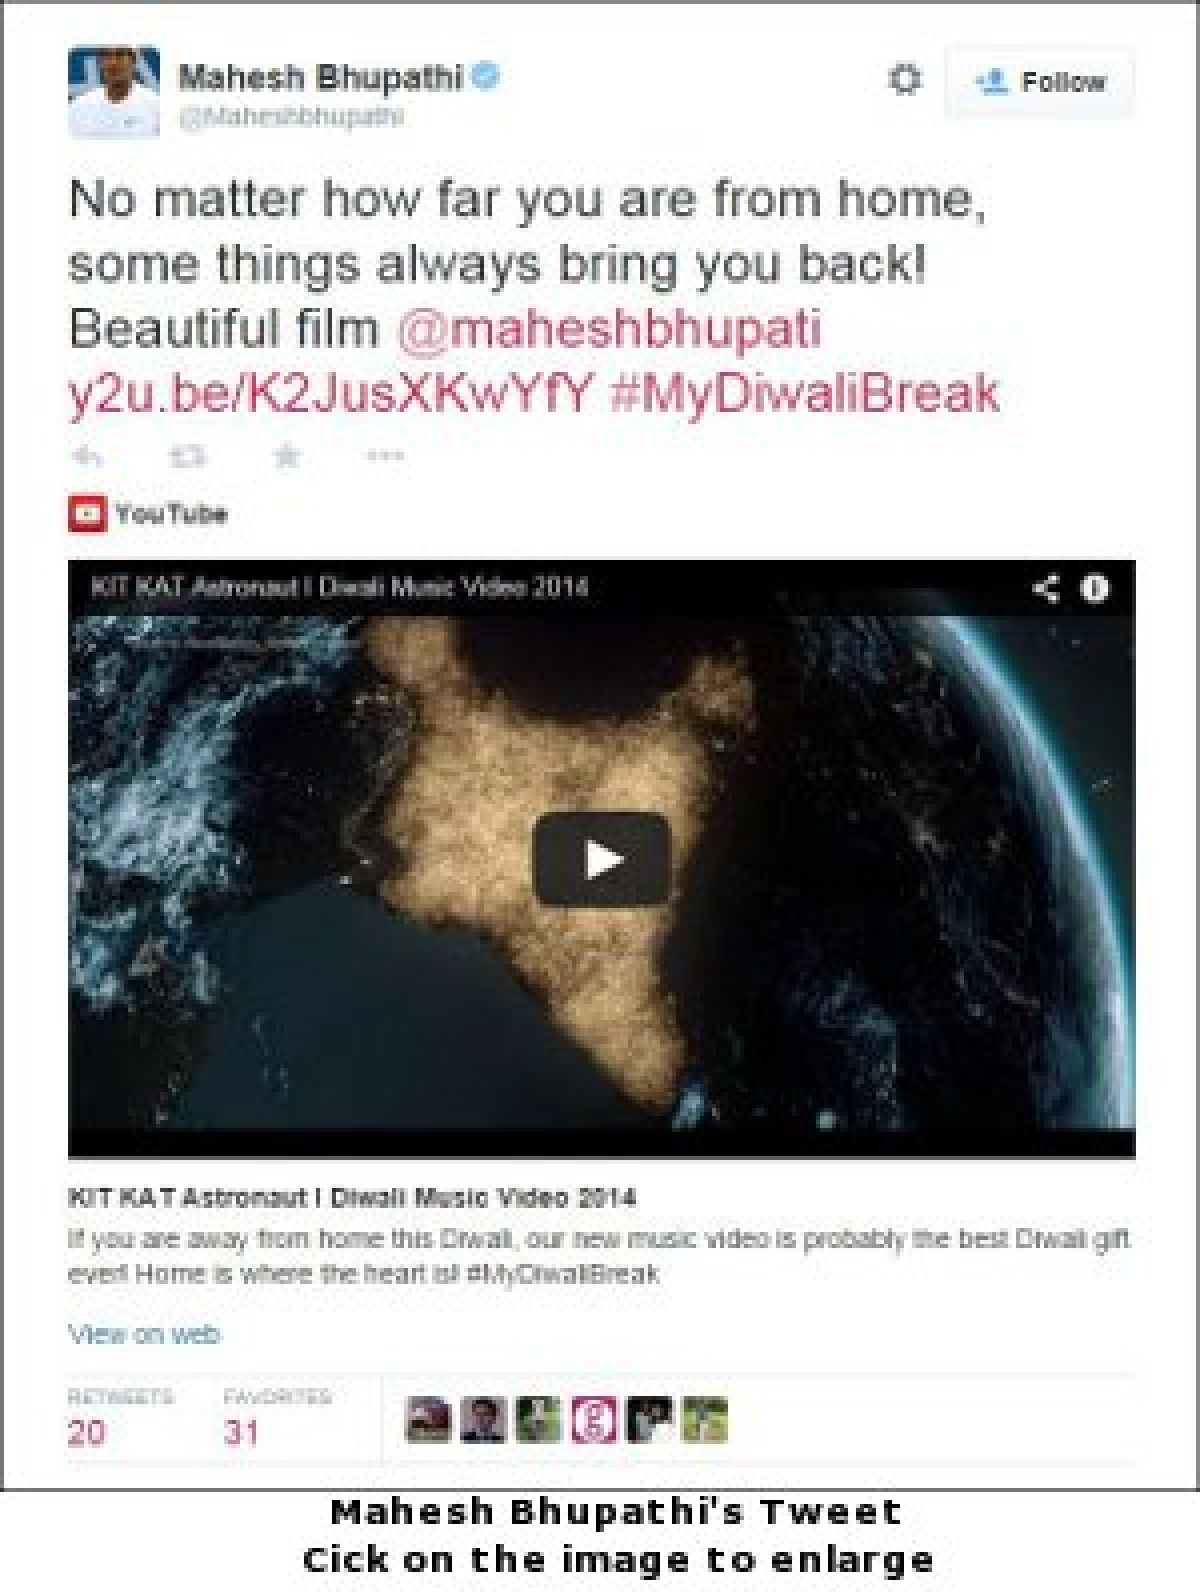 Kit Kat Takes Diwali Break In Space